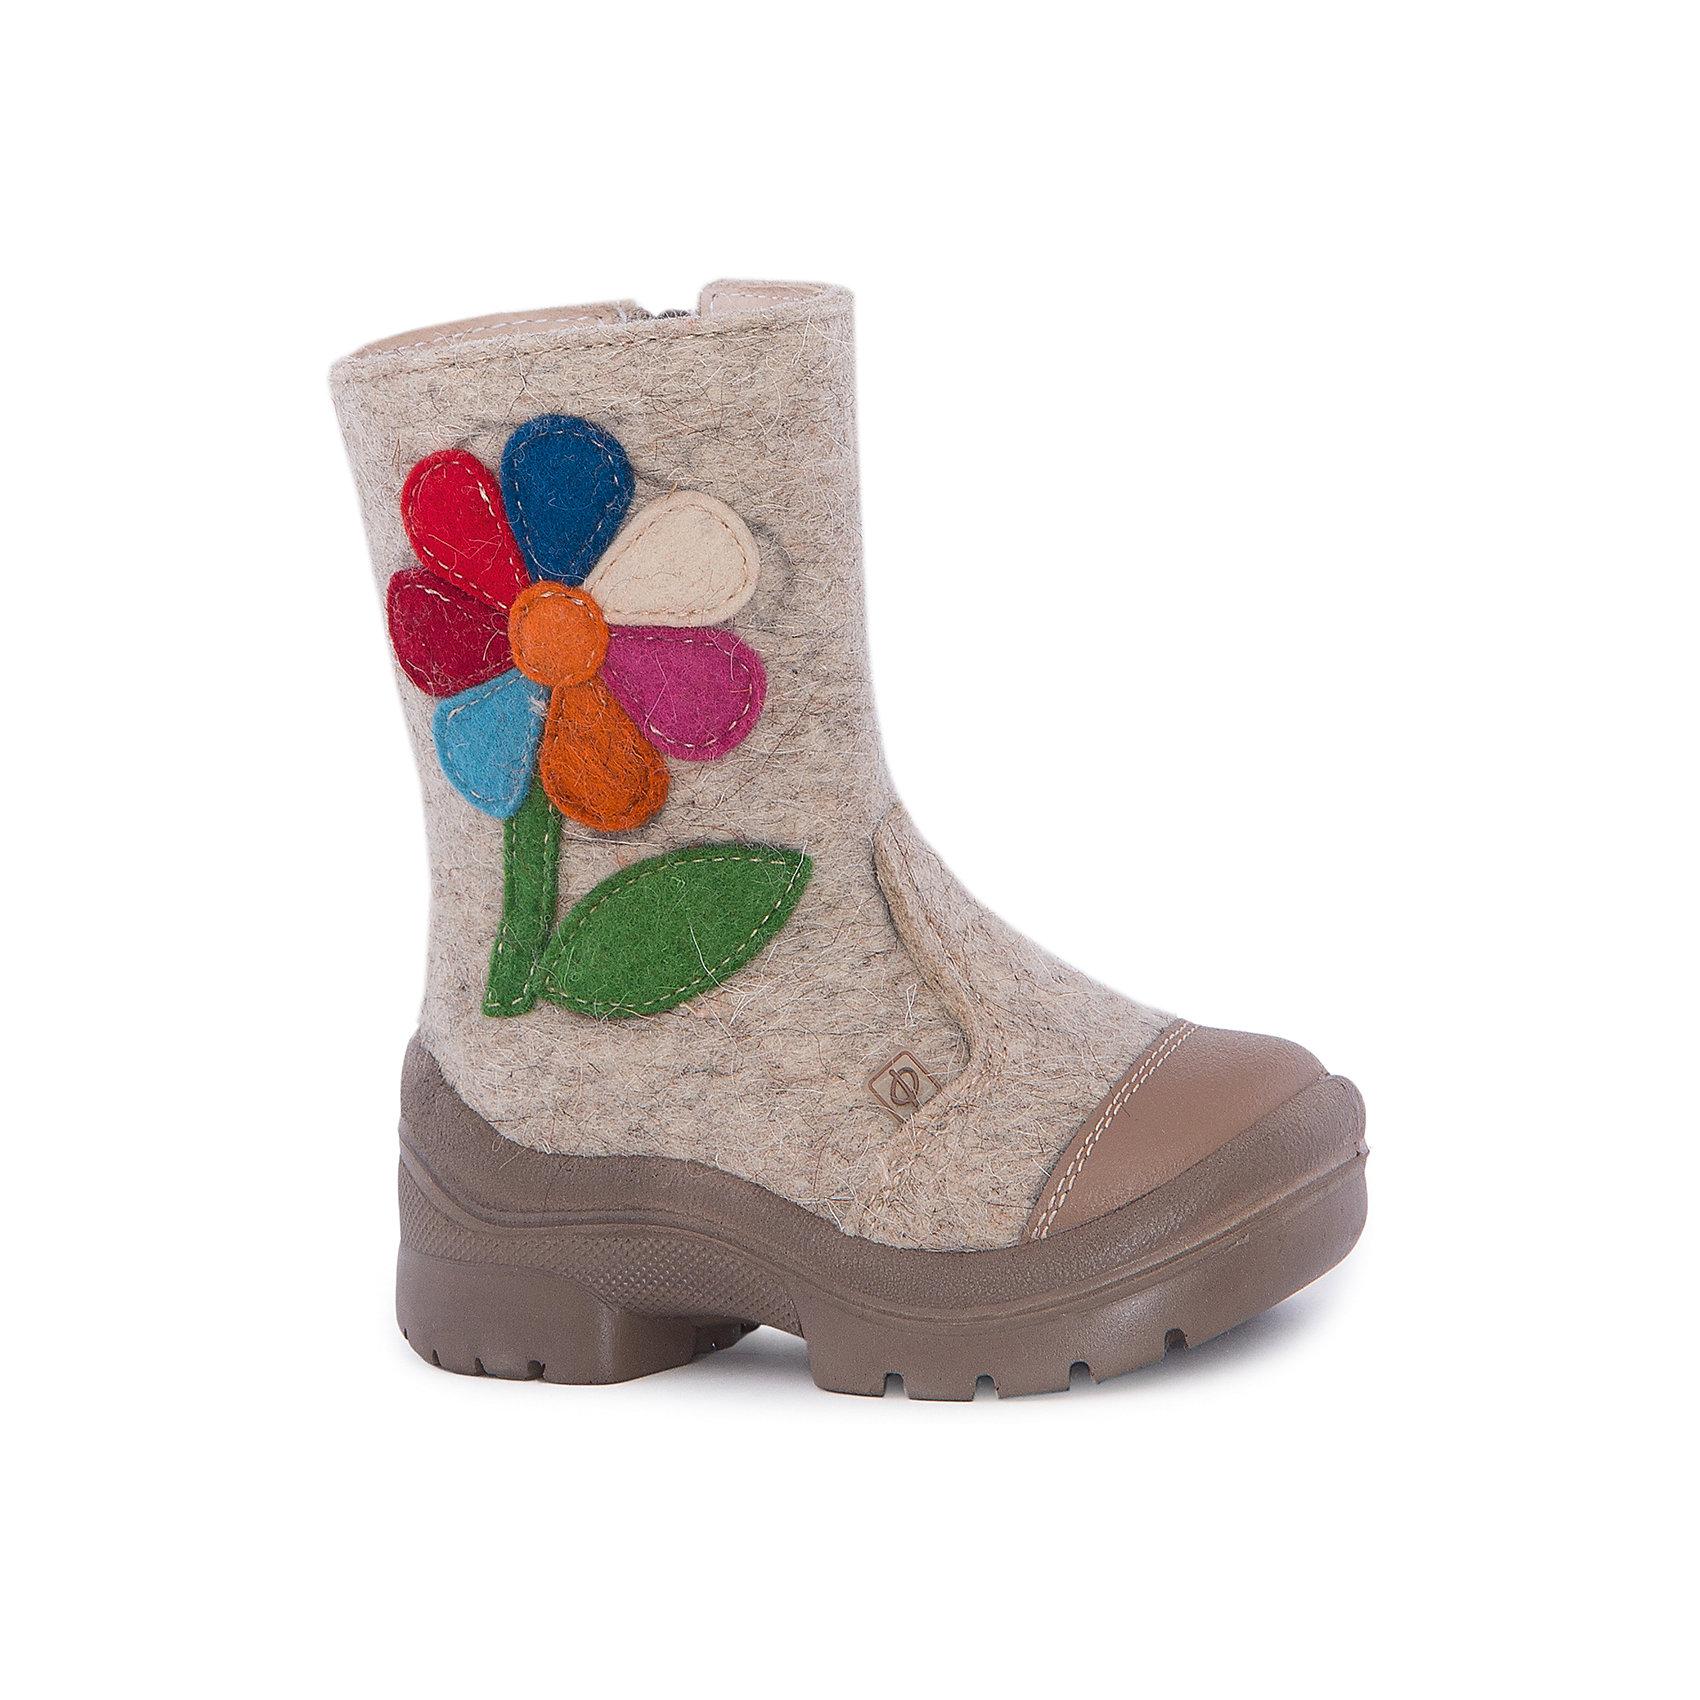 Филипок Валенки Цветик-Семицветик для девочки Филипок филипок валенки для девочки филипок